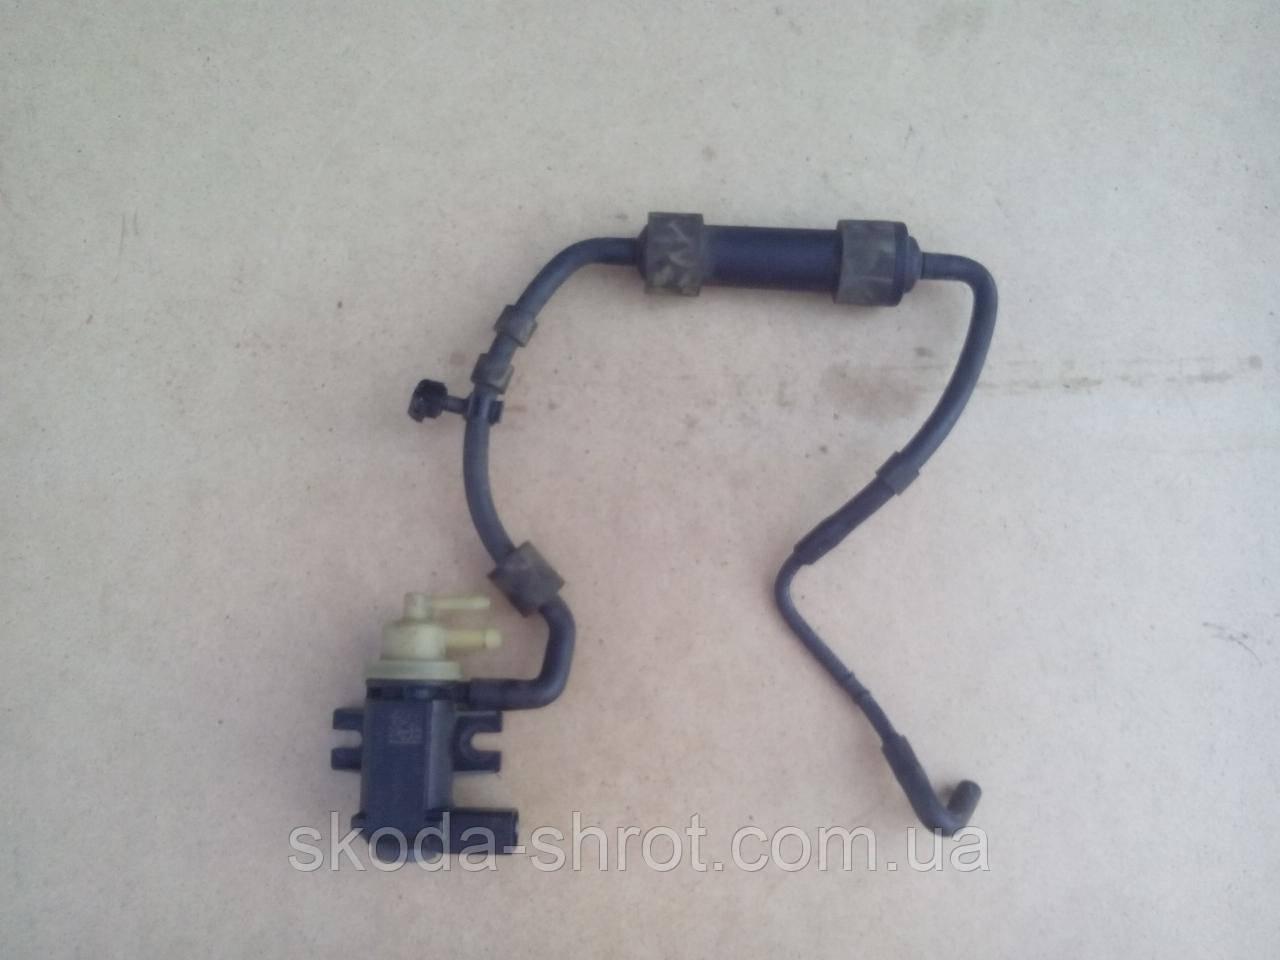 Клапан управління турбіни 1K0 906 627 B Skoda Octavia 1.6 1K090627B